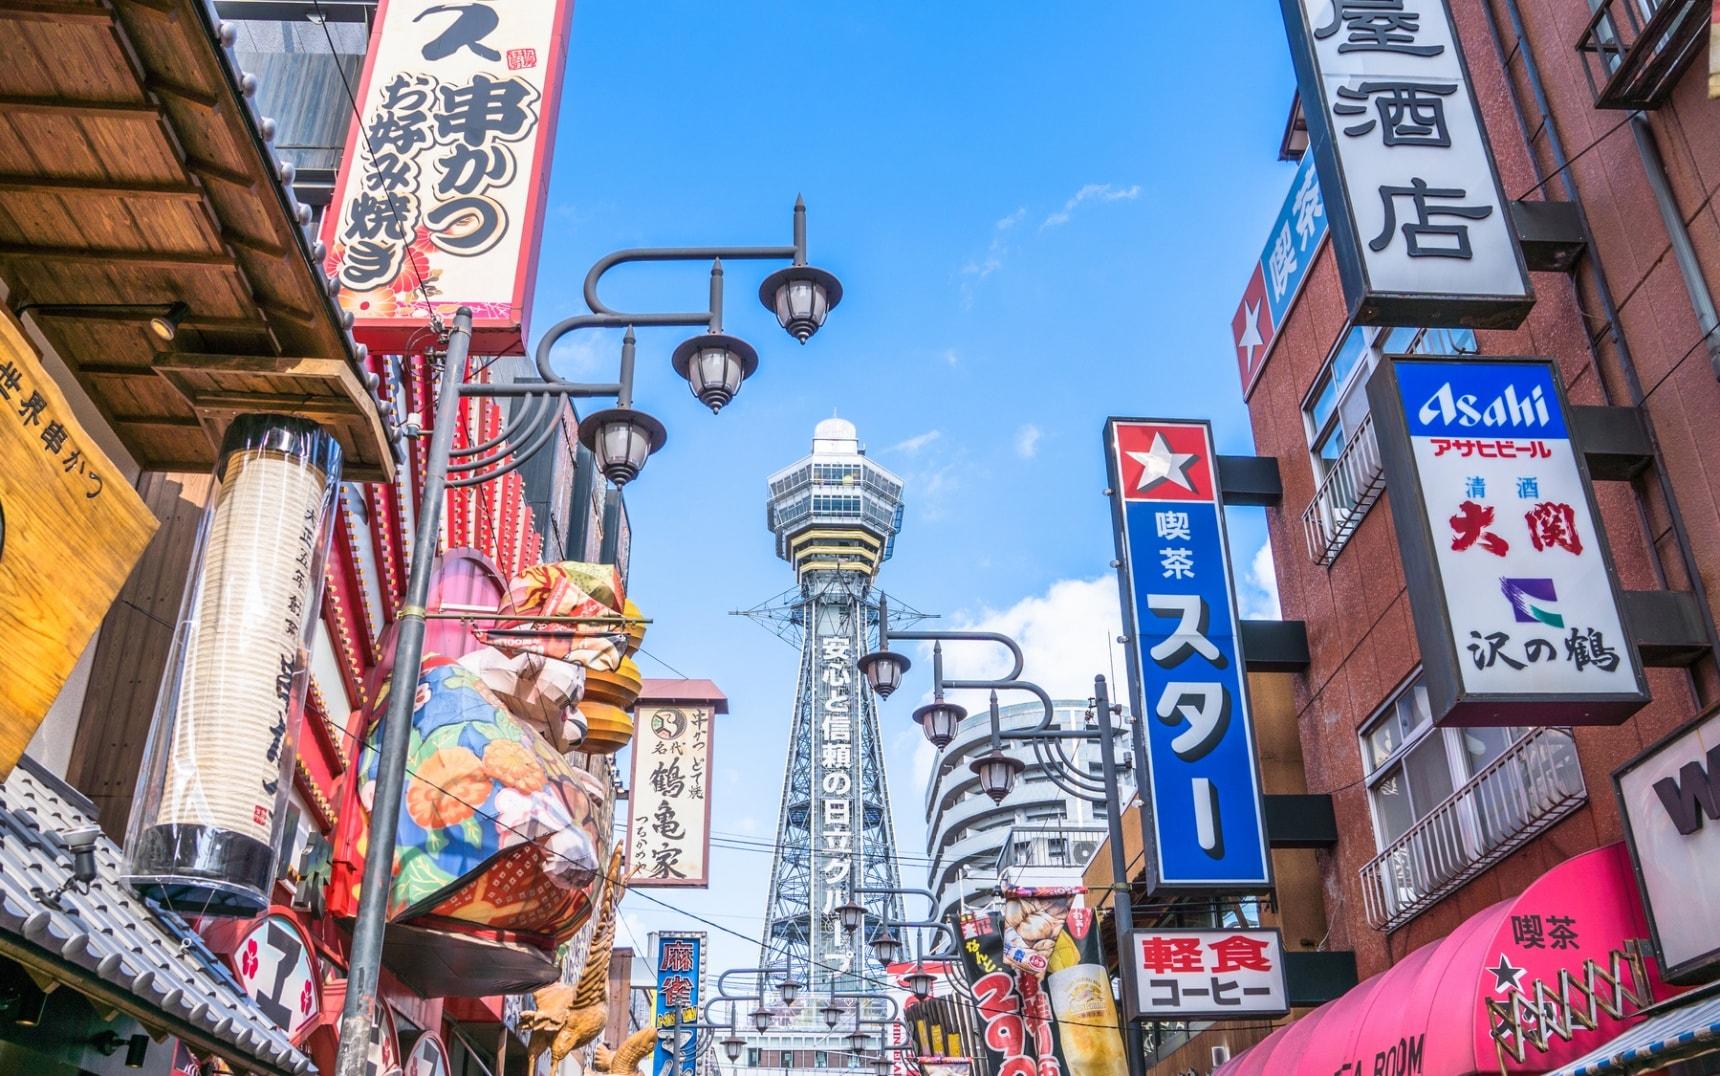 เที่ยวญี่ปุ่นครั้งที่สอง Second time in Japan!